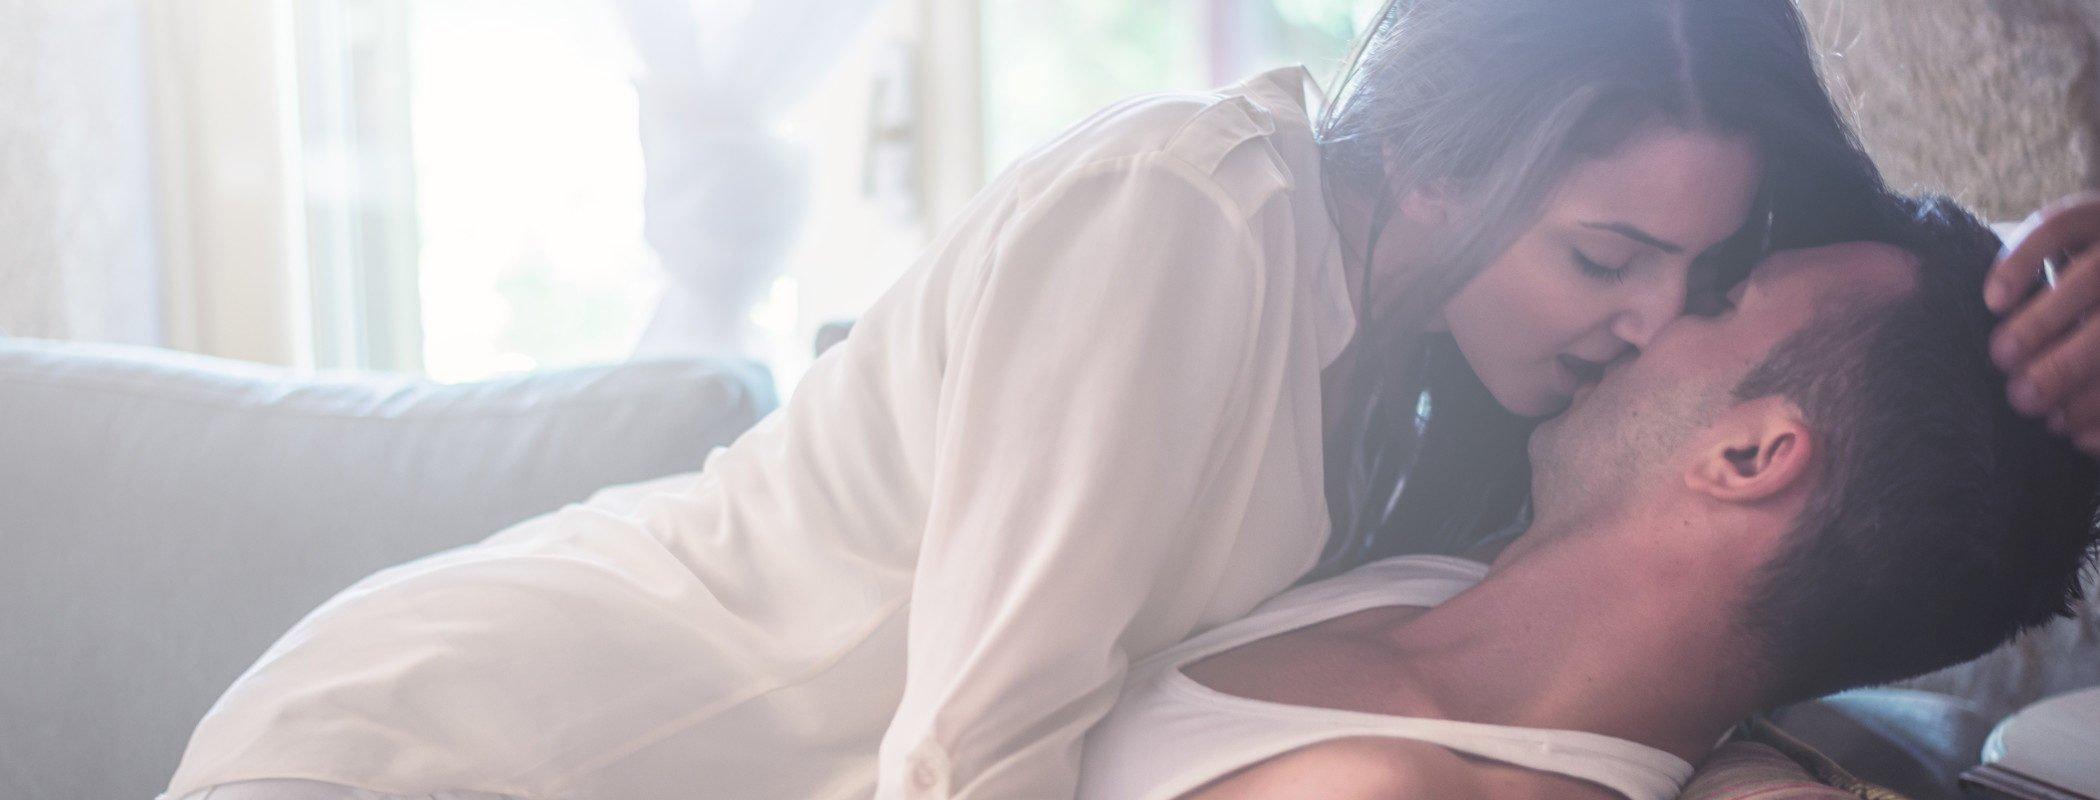 Posturas sexuales para un día de Reyes caliente